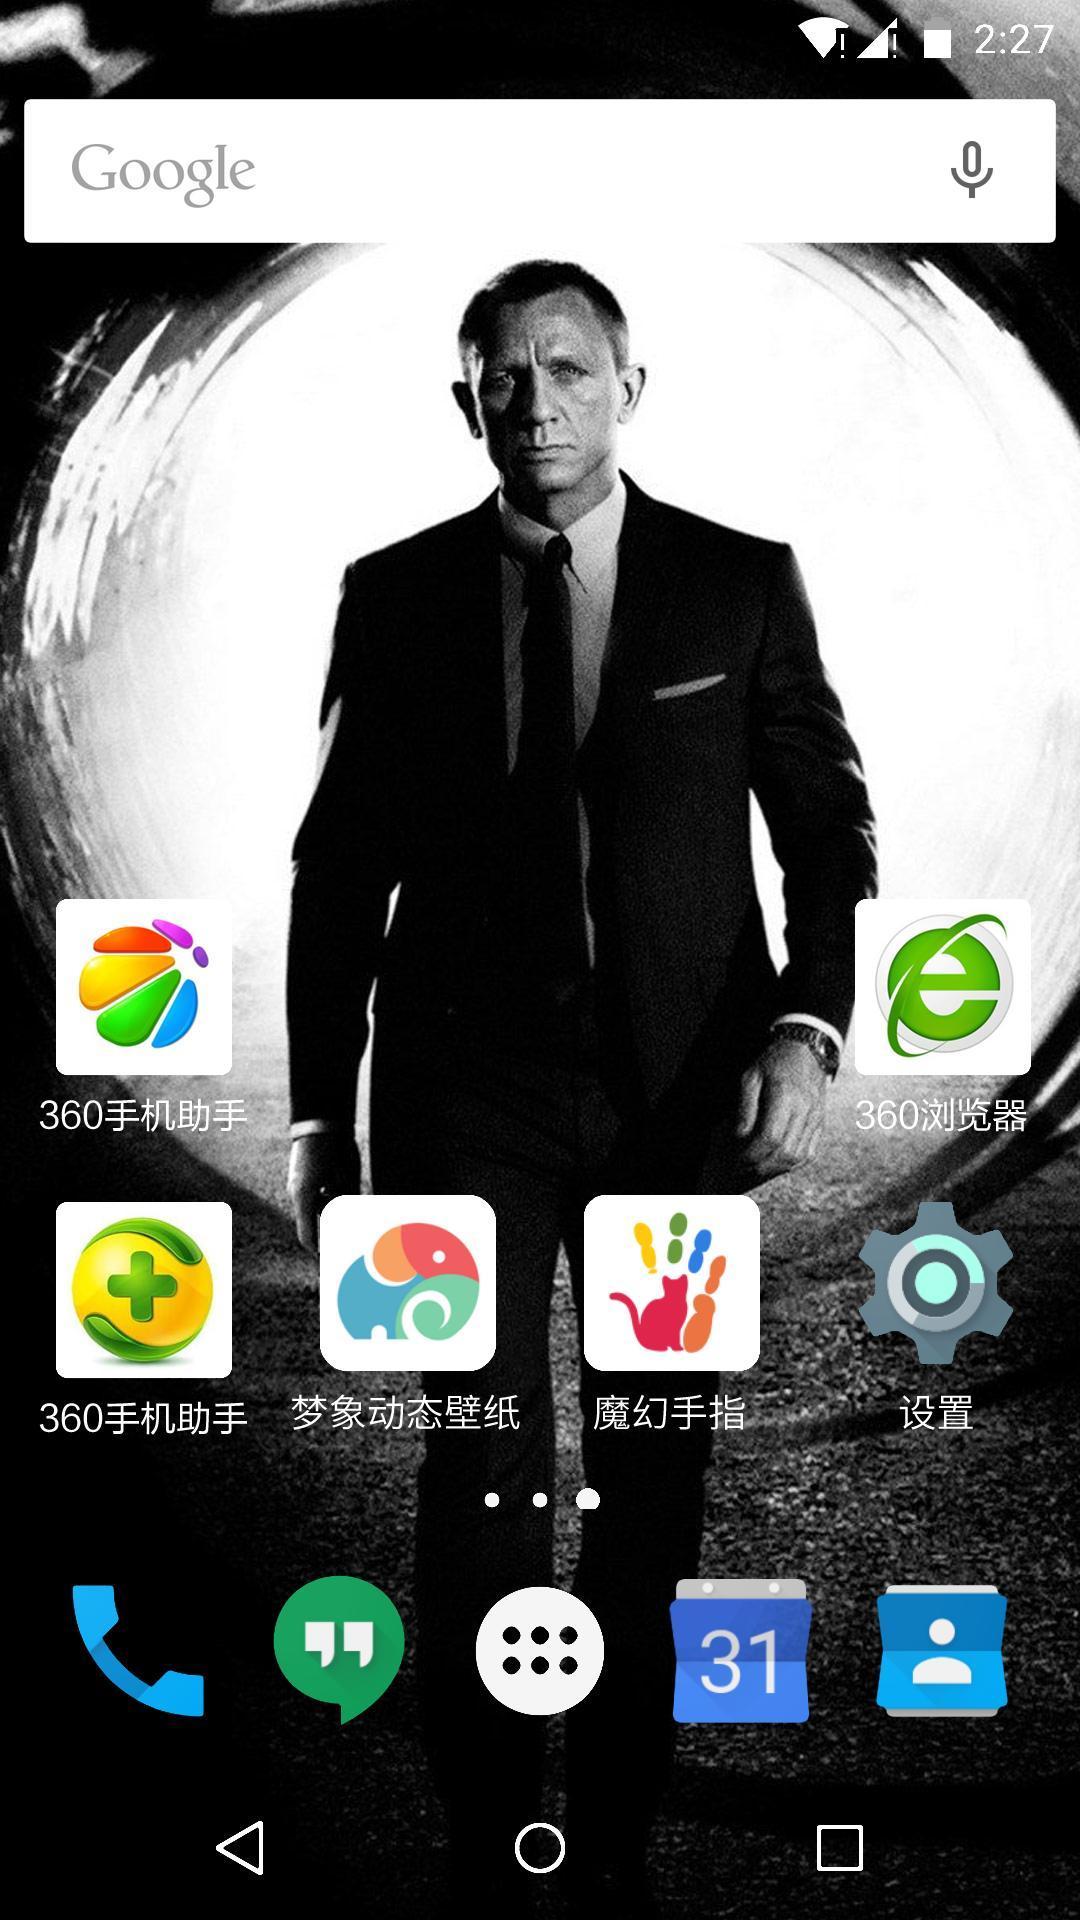 007幽灵党-梦象动态壁纸